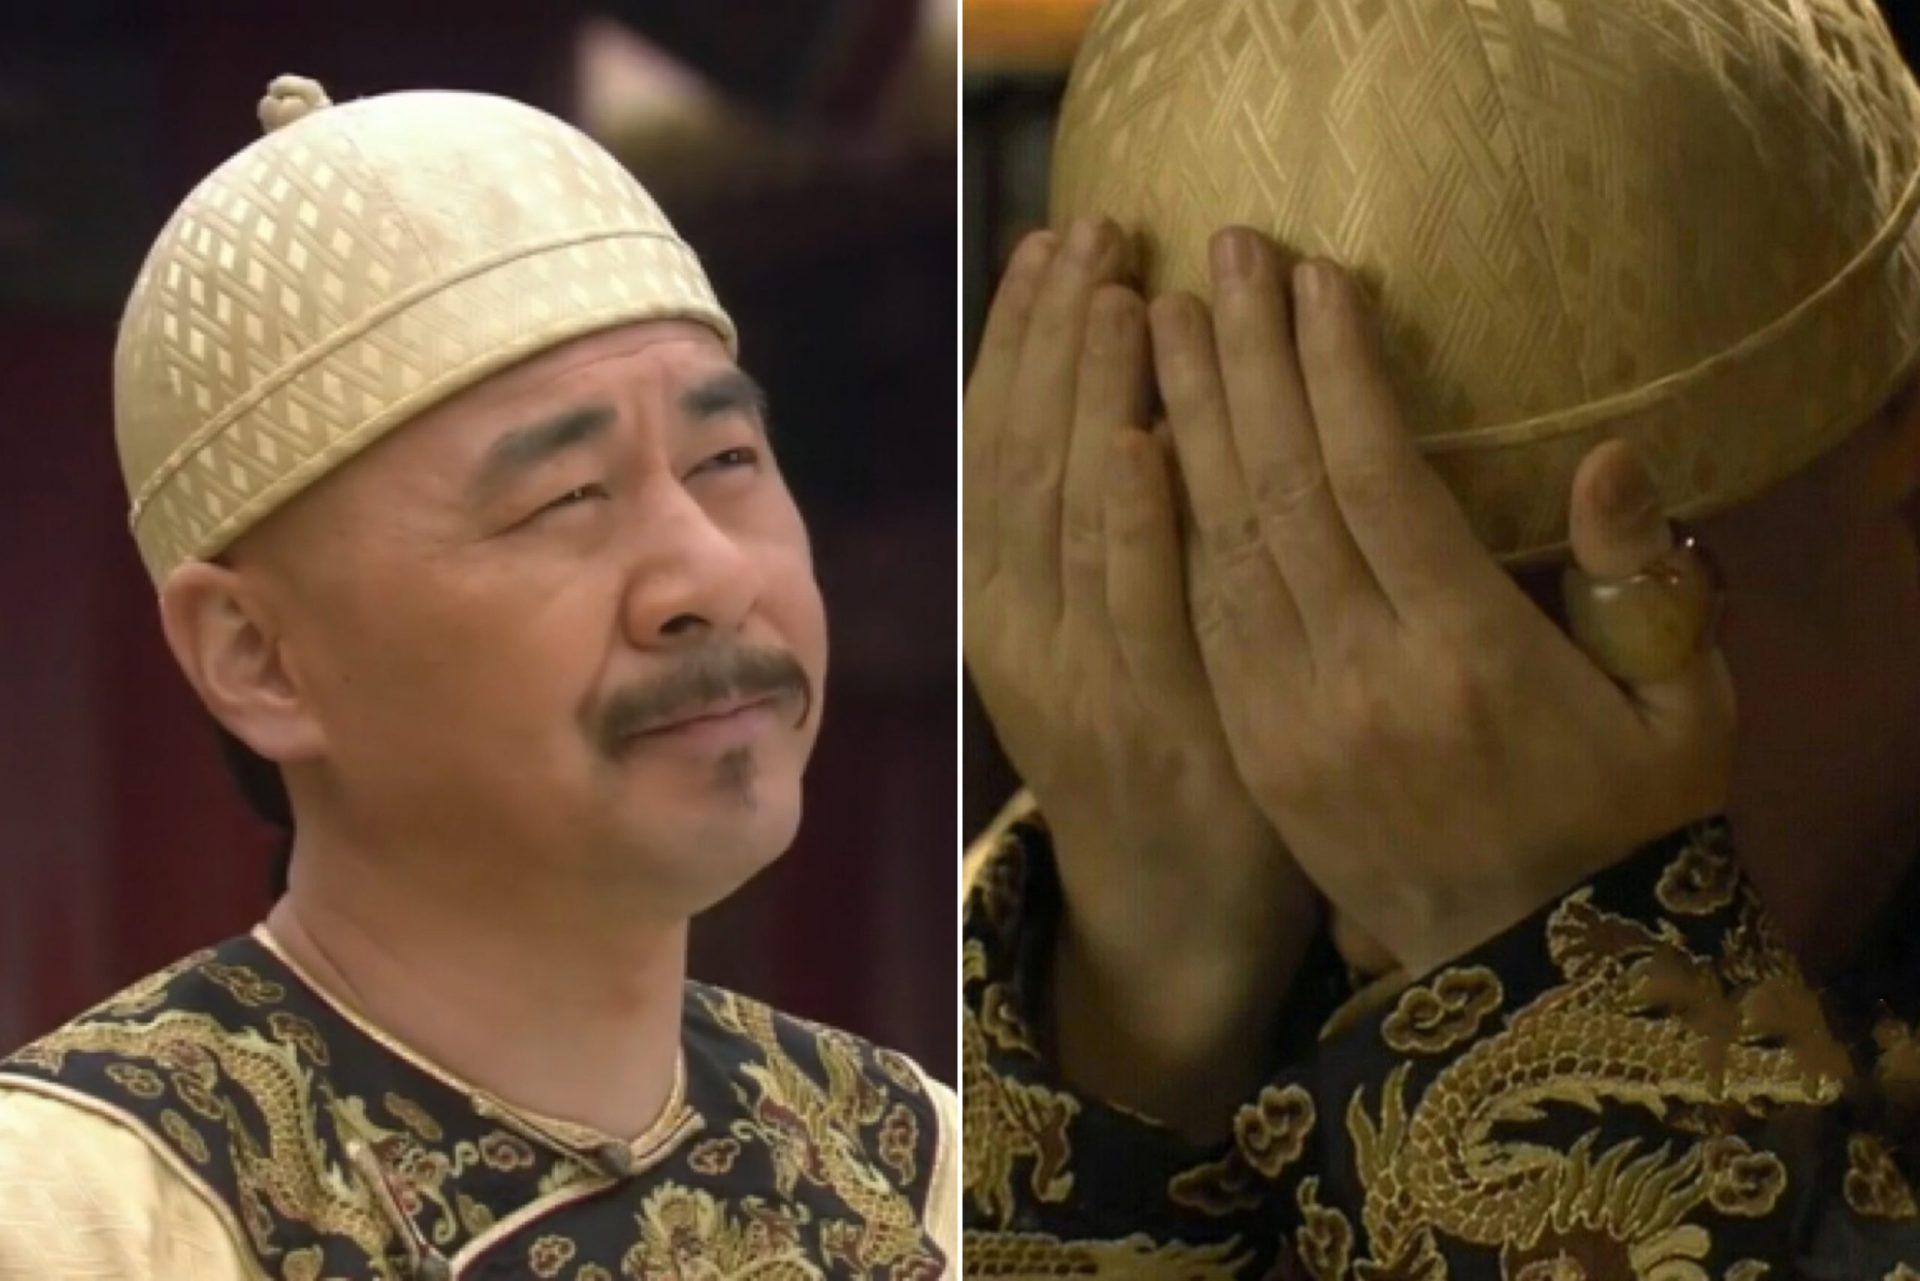 用皇上的視角看《甄嬛傳》是一個完全不同的故事!突然覺得皇上很悲哀…-我們用電影寫日記